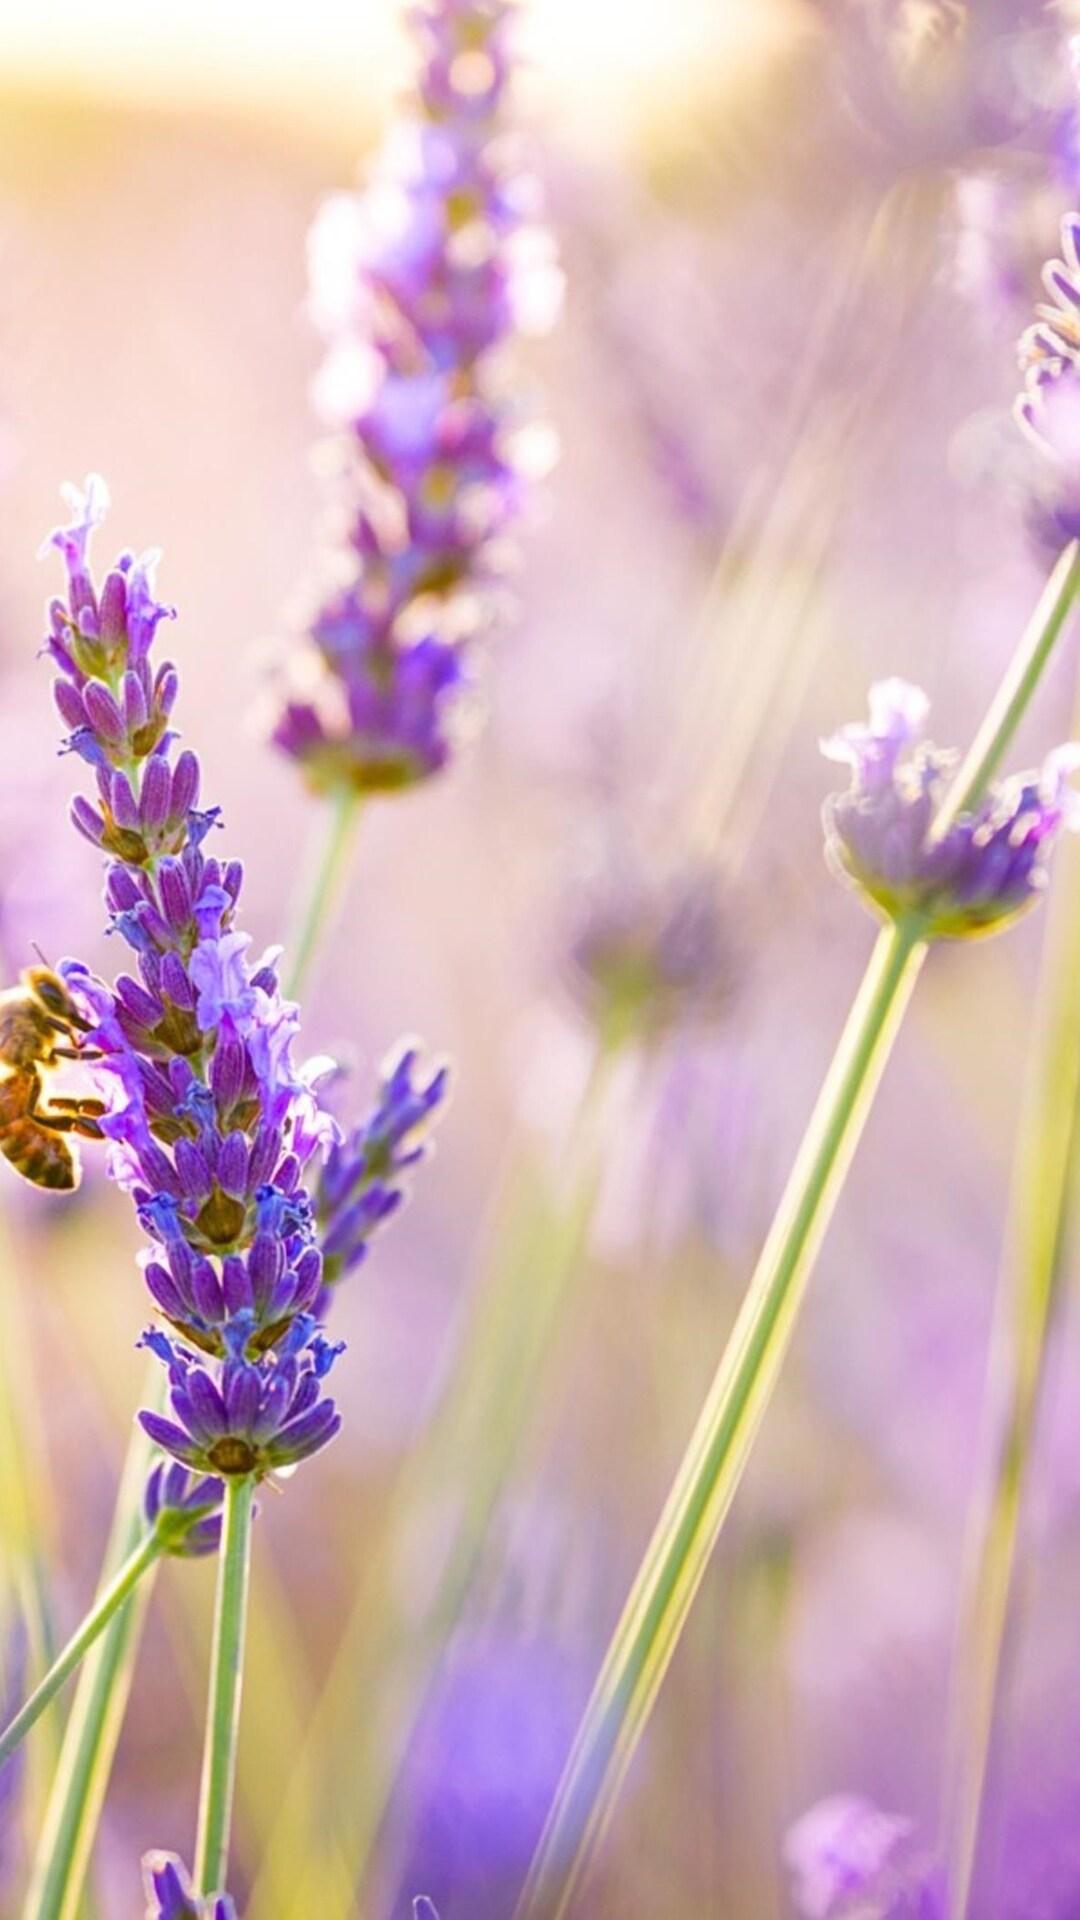 1080x1920 Flowers Lavender Iphone 7,6s,6 Plus, Pixel xl ...